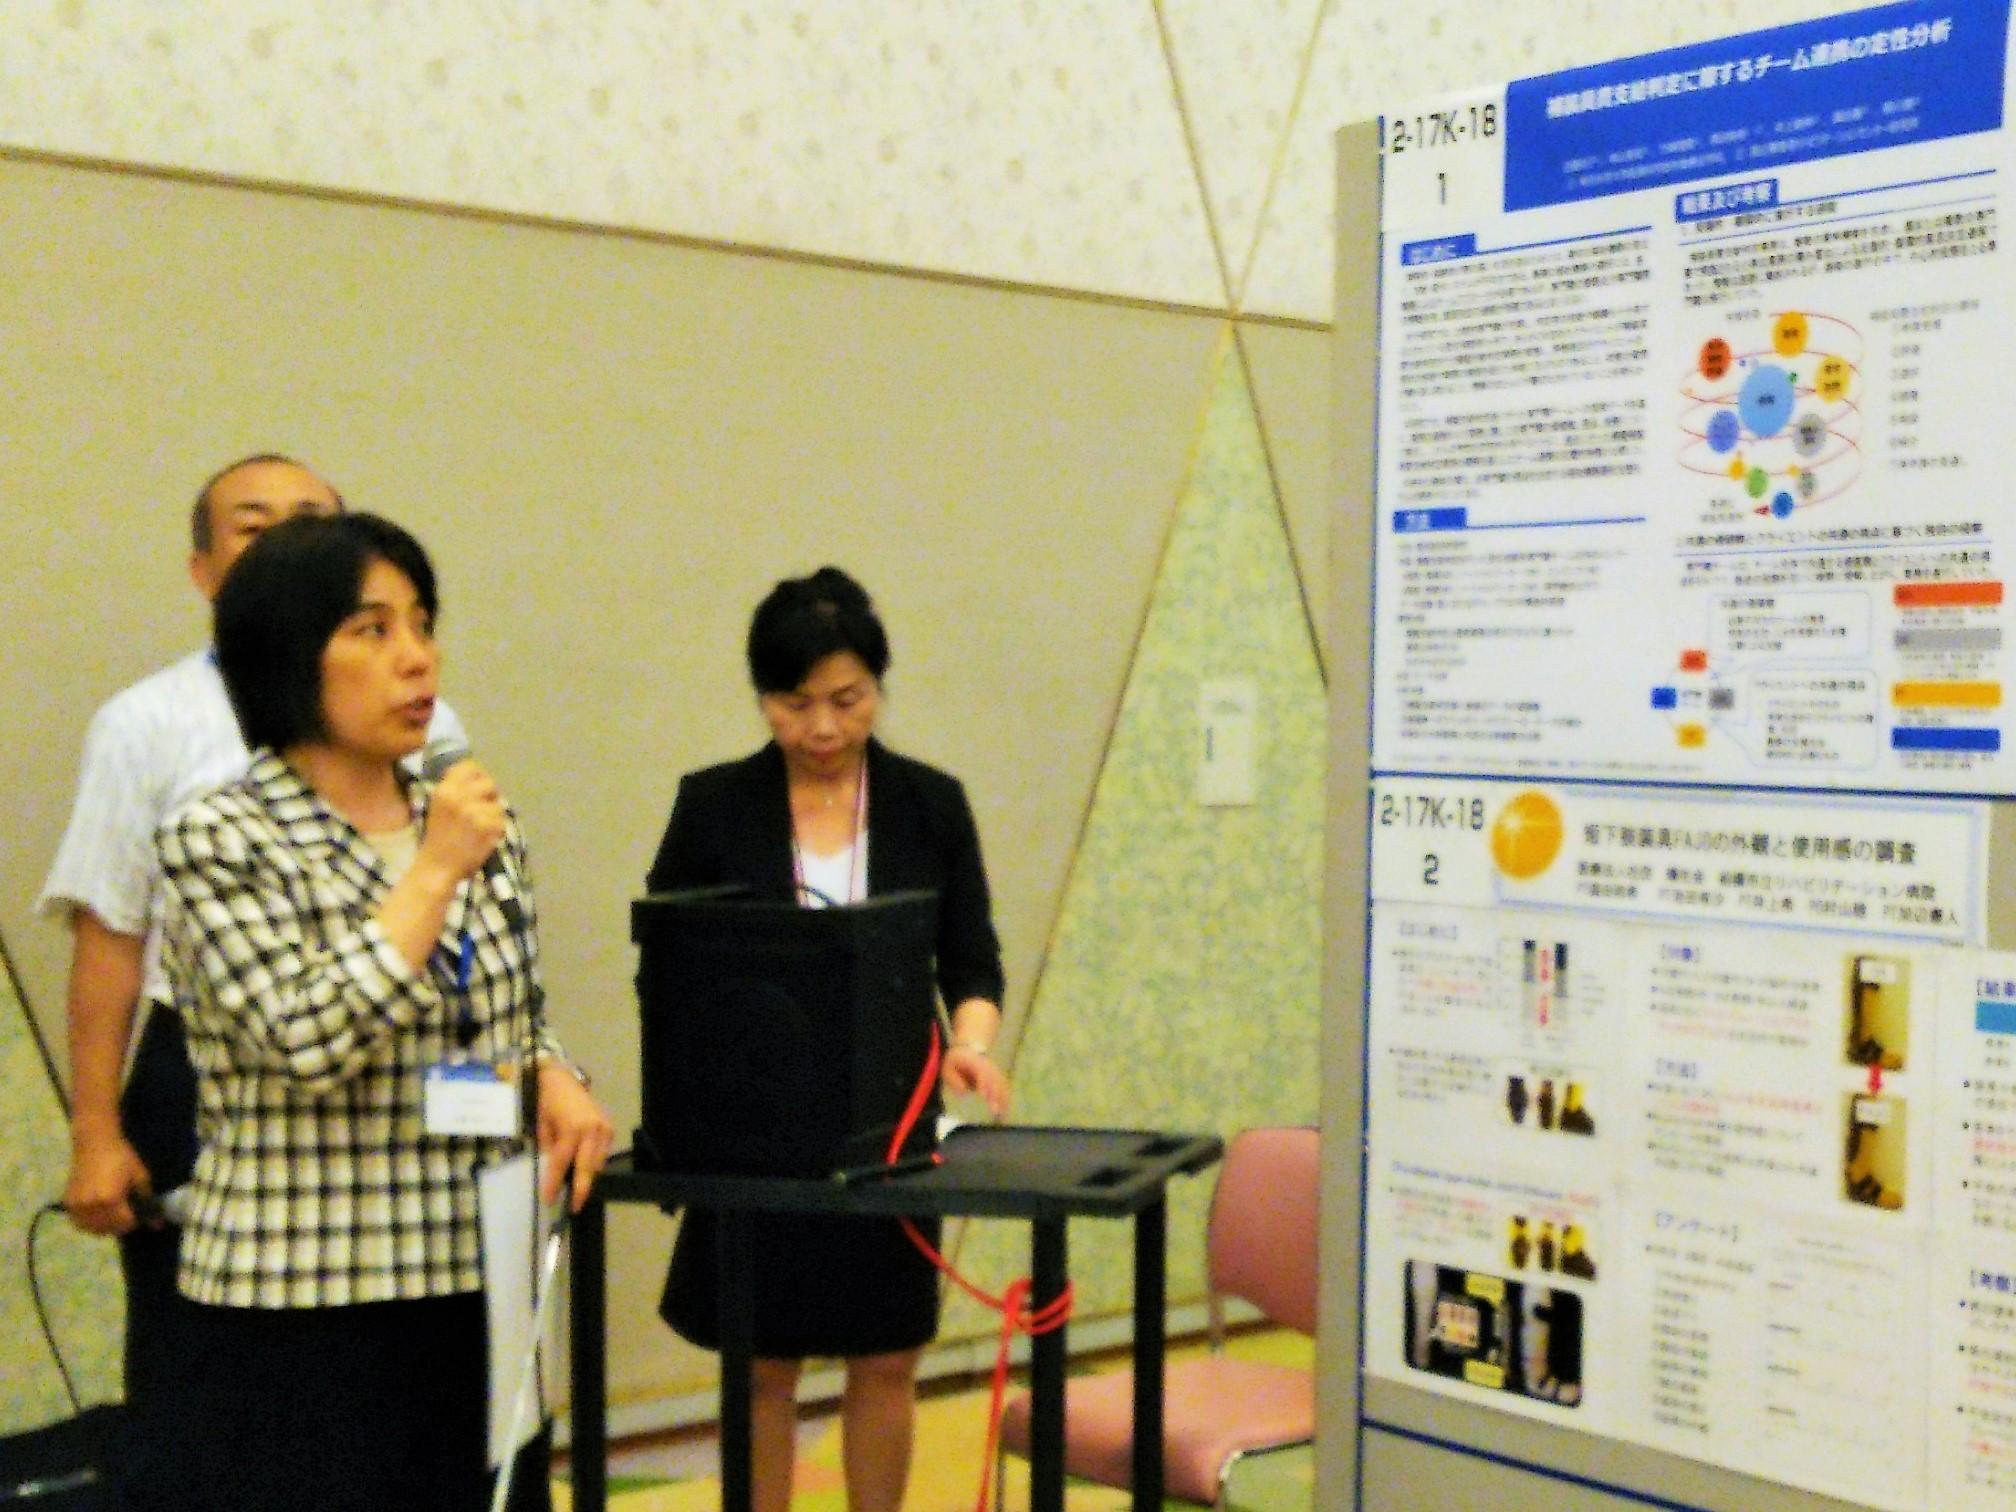 帝京科学大学 リハ医学会学術集会で発表してきました #01